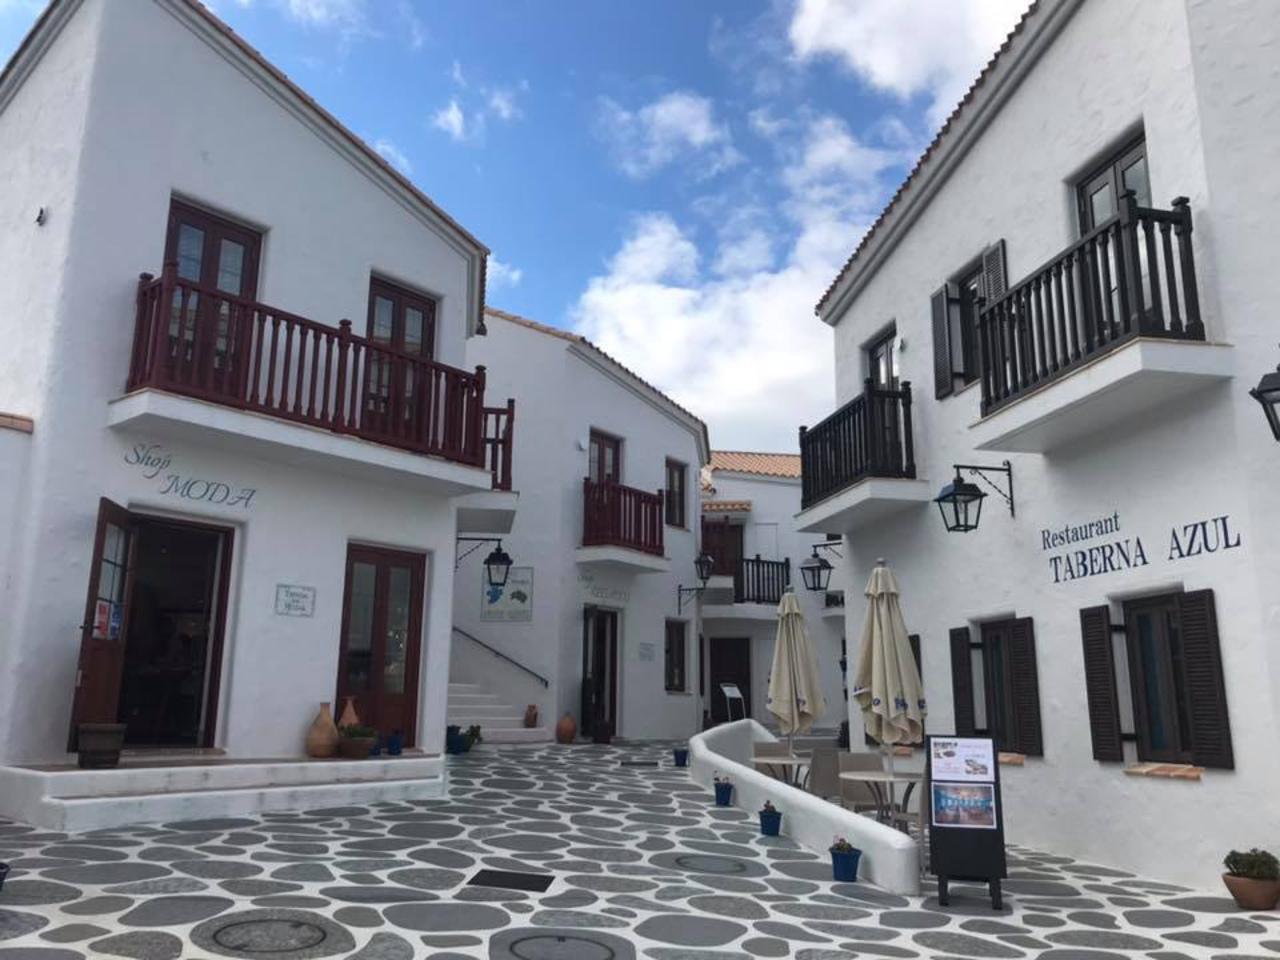 伊勢志摩半島のVillage & Hotel『志摩地中海村』